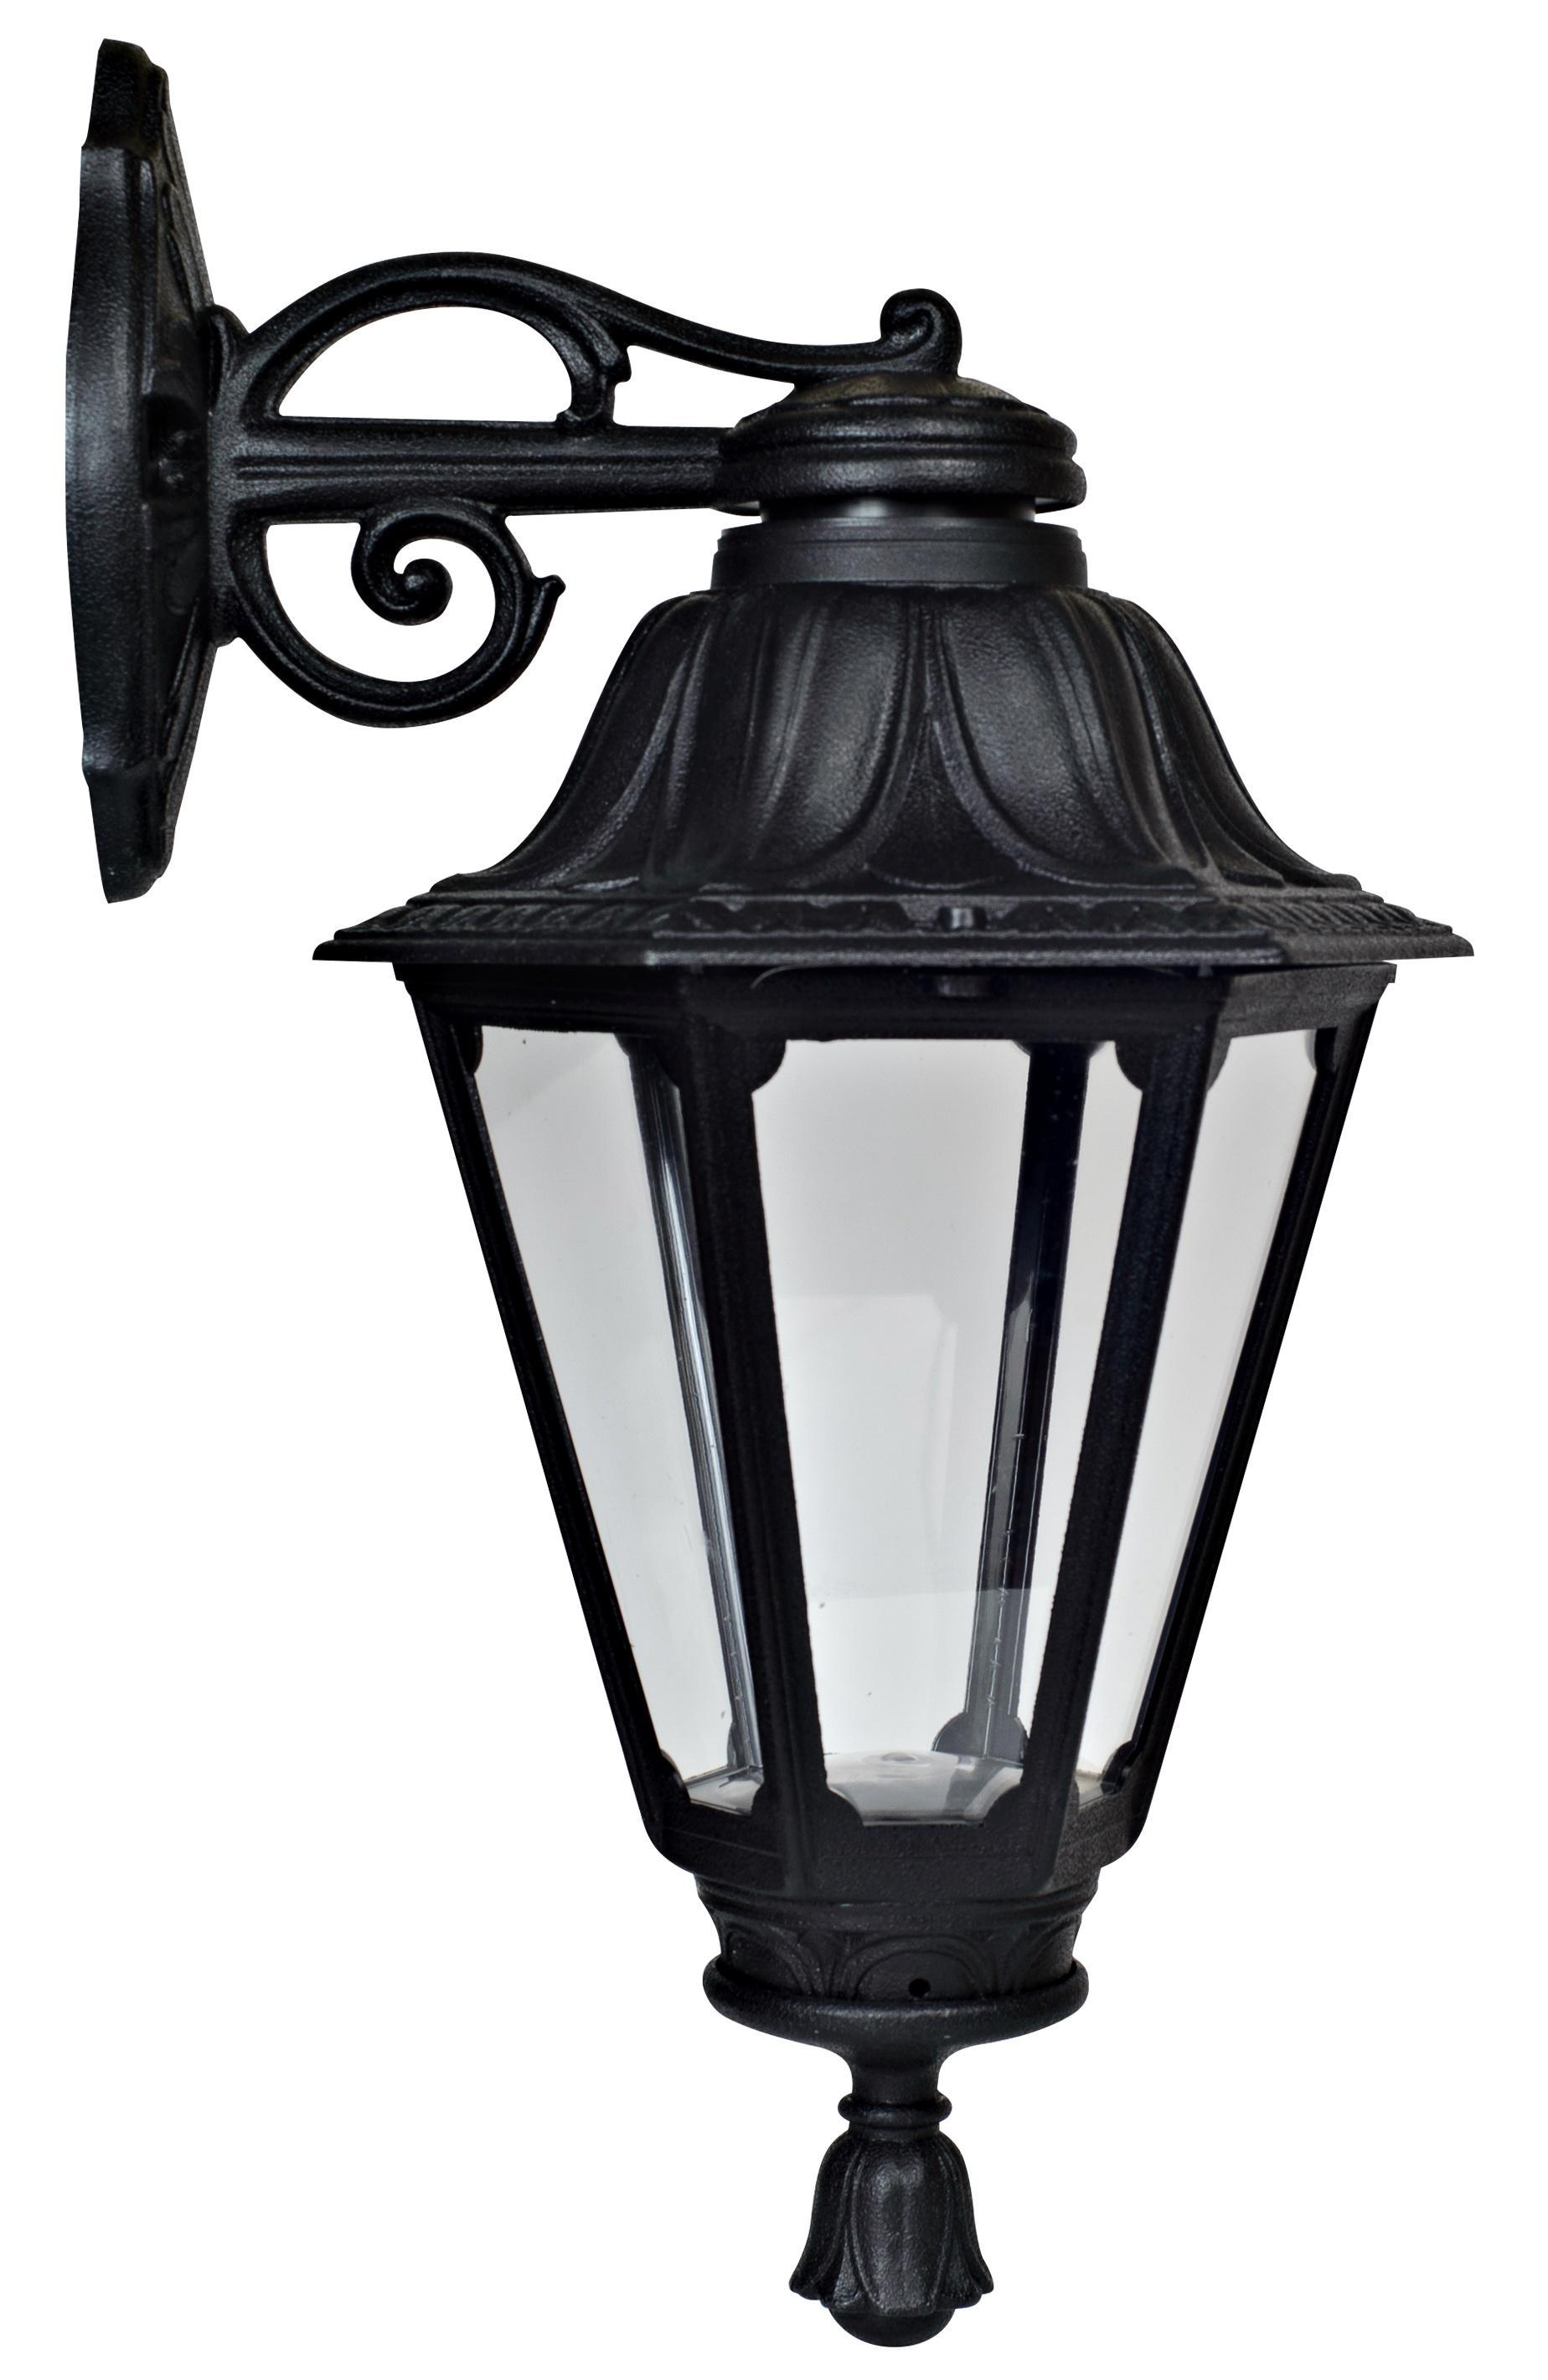 Светильник Fumagalli Rut bisso, уличный, производство: Италия, черный прозрачный